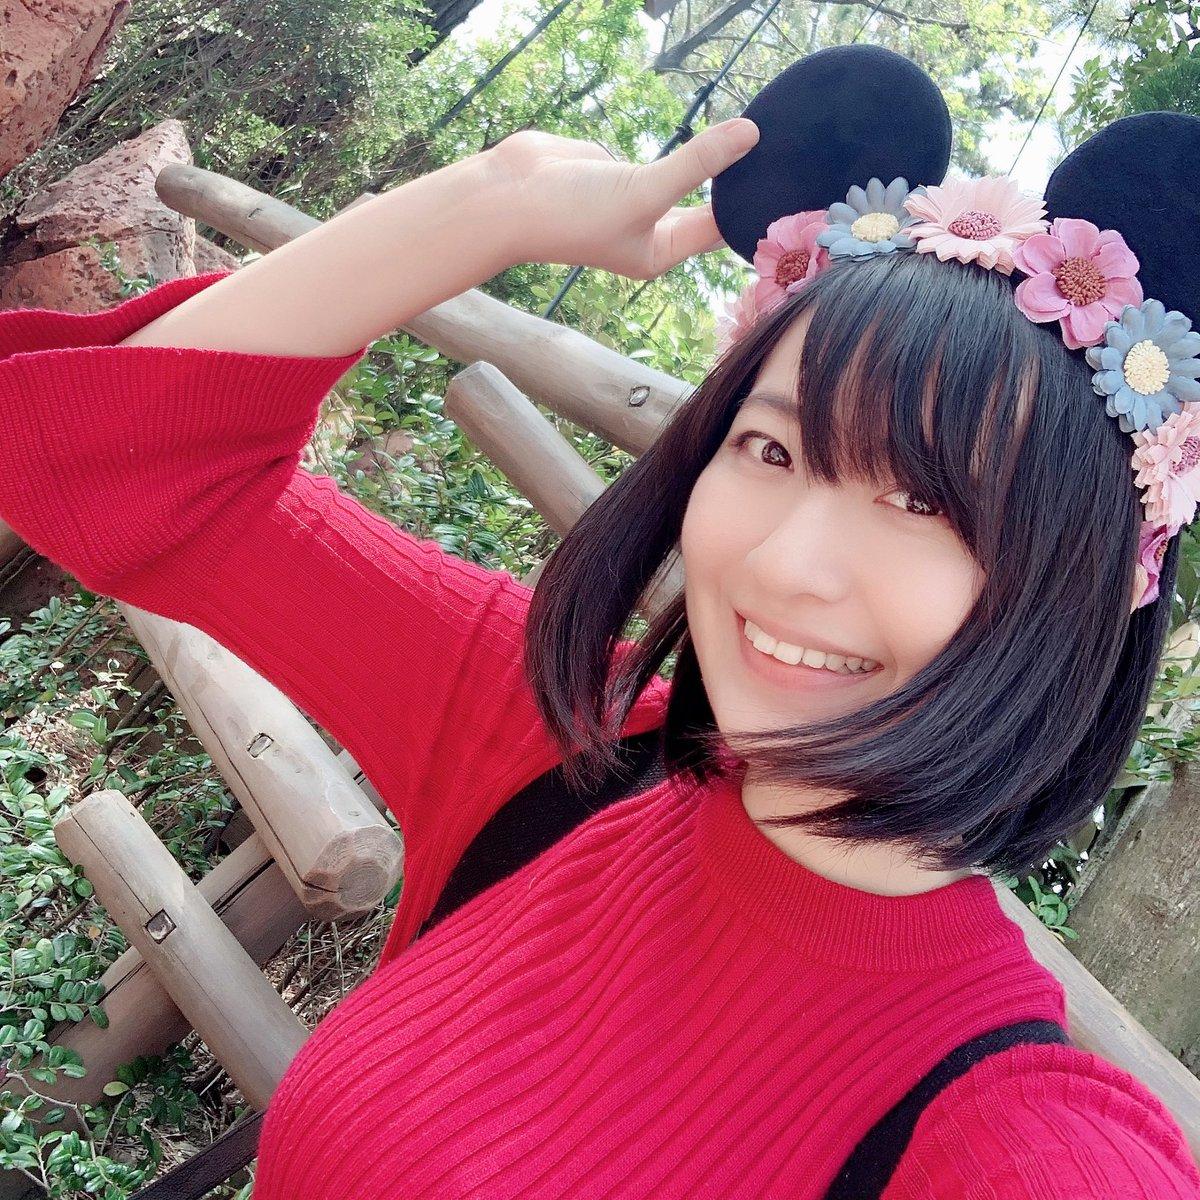 """上田瞳 در توییتر """"ちなみに耳はみんなでお揃いにしました笑 頭に花が ..."""